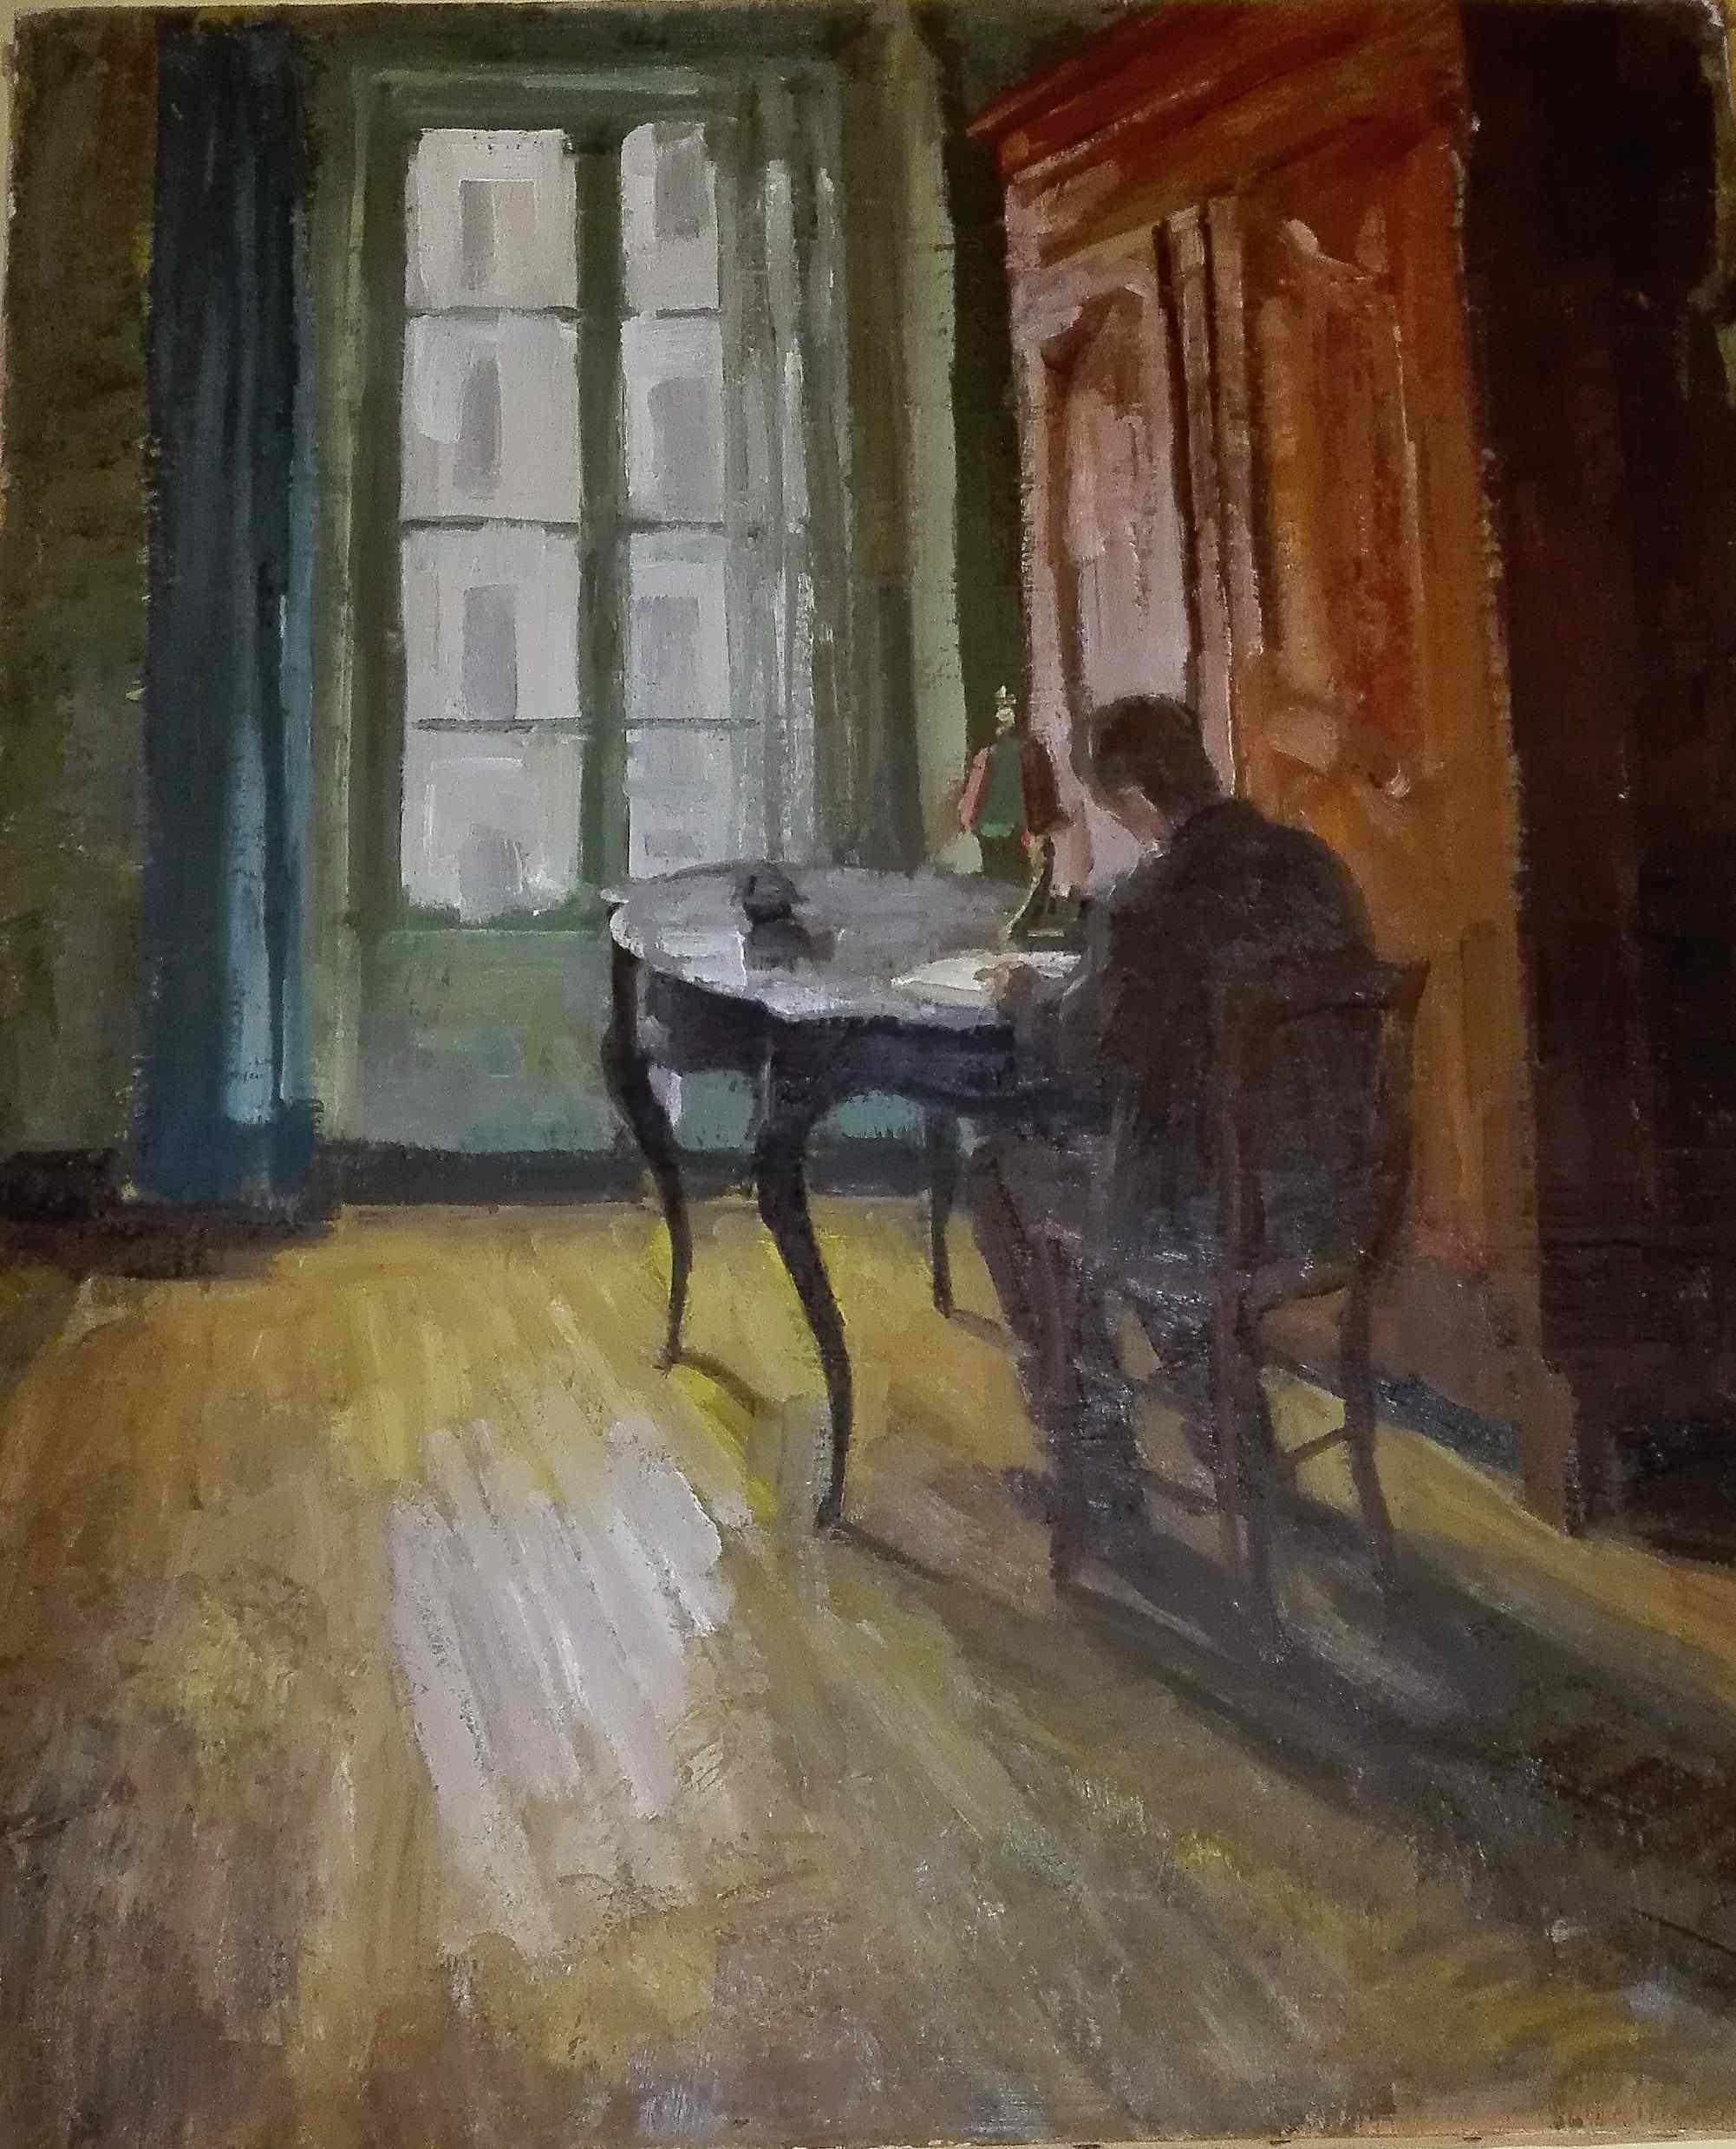 Louis Peyré 1923-2012 rue Lacépède in Paris